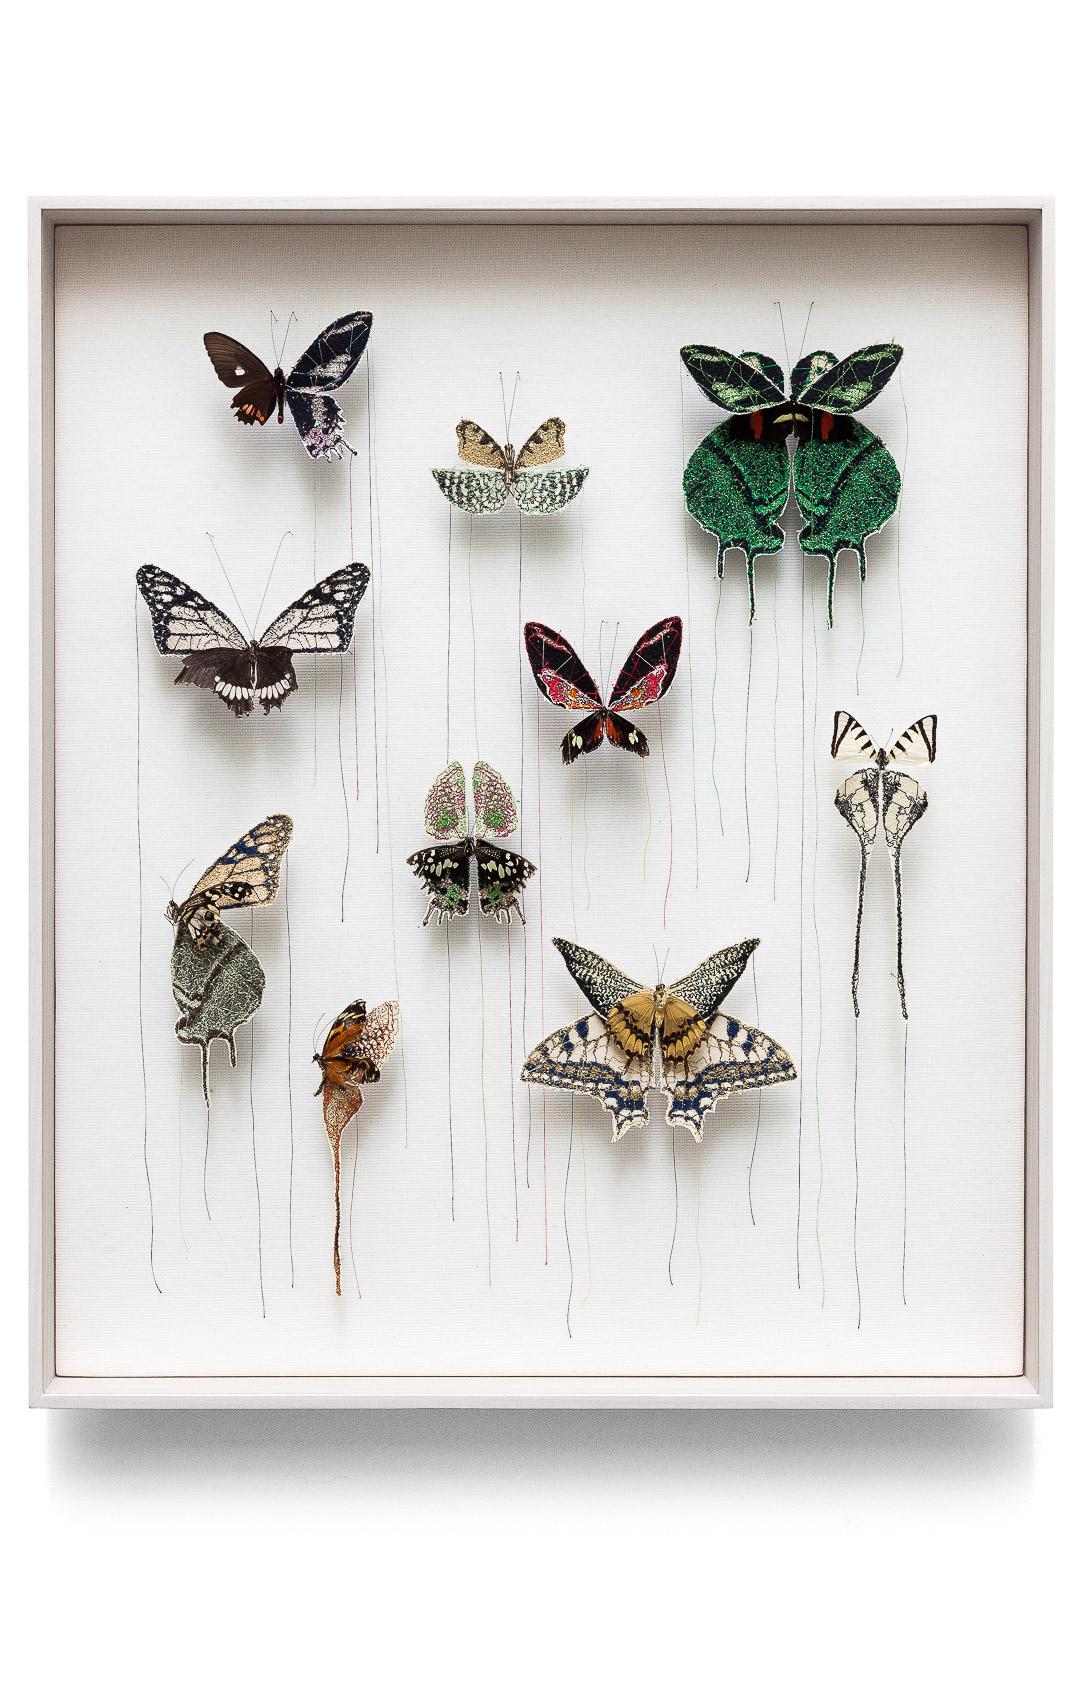 U201cbroken Butterflies U201d By Artist Anne Ten Donkelaar